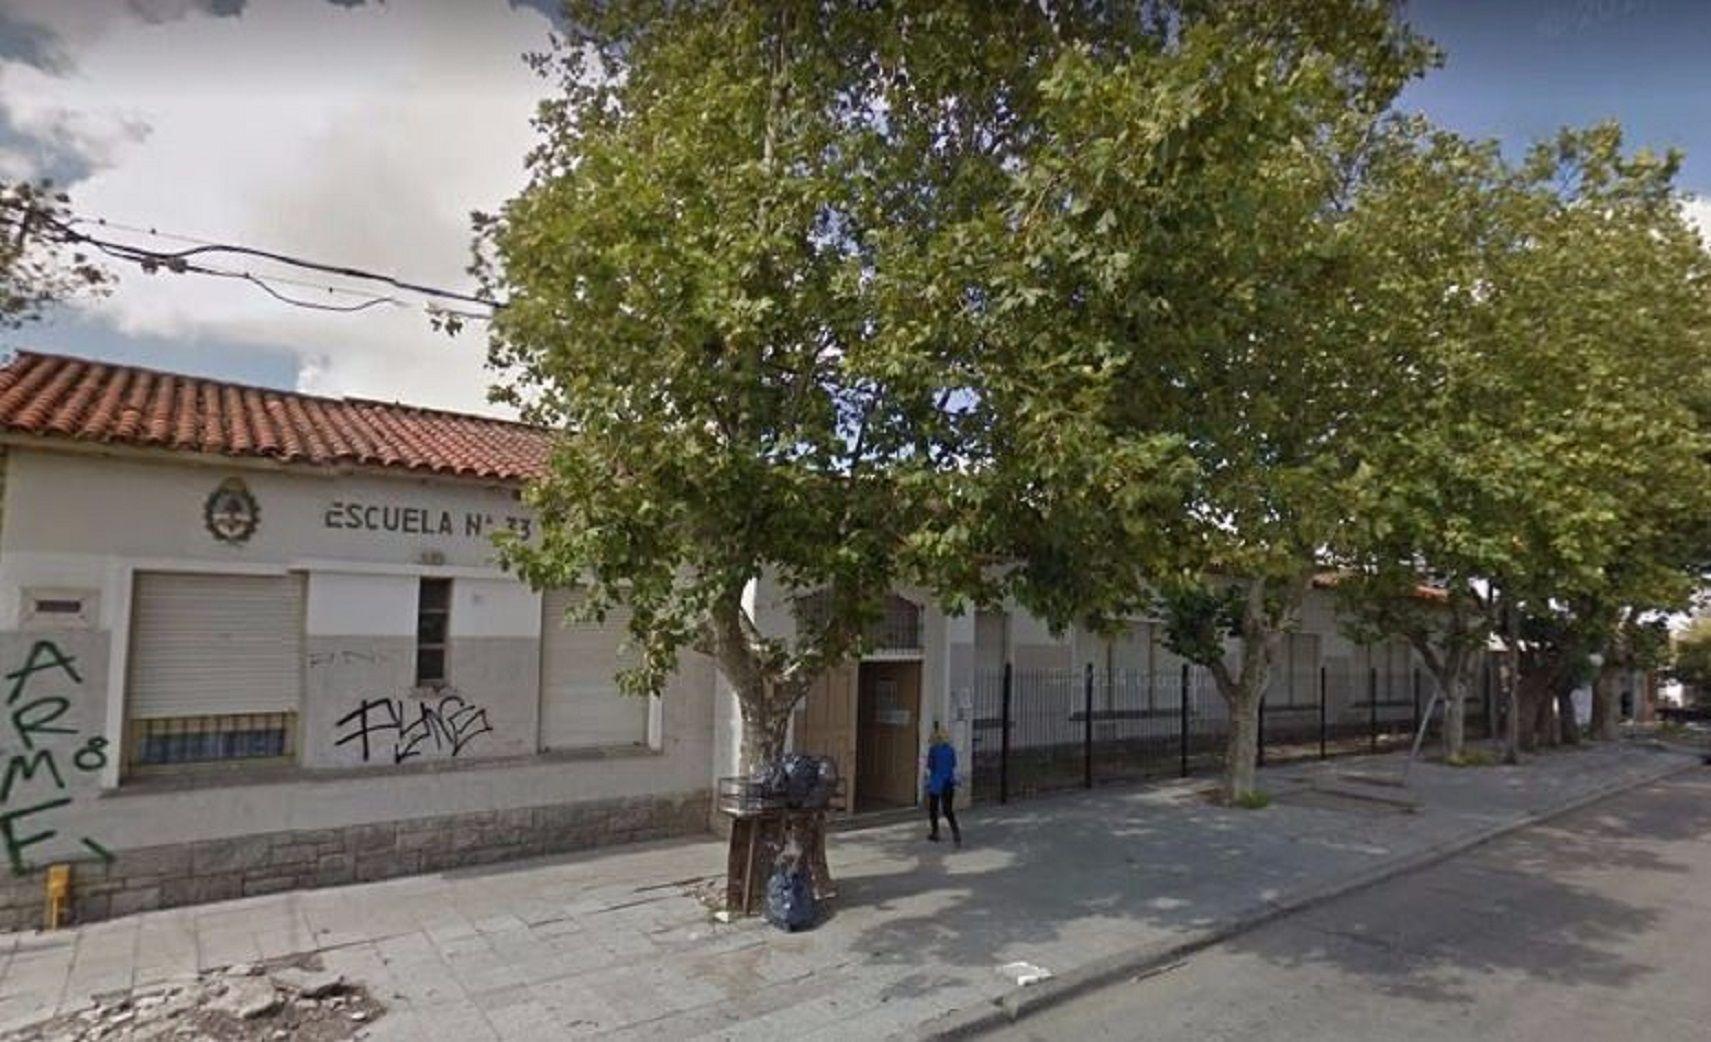 Escuela Primaria Nº 33 de Nasser y Luro